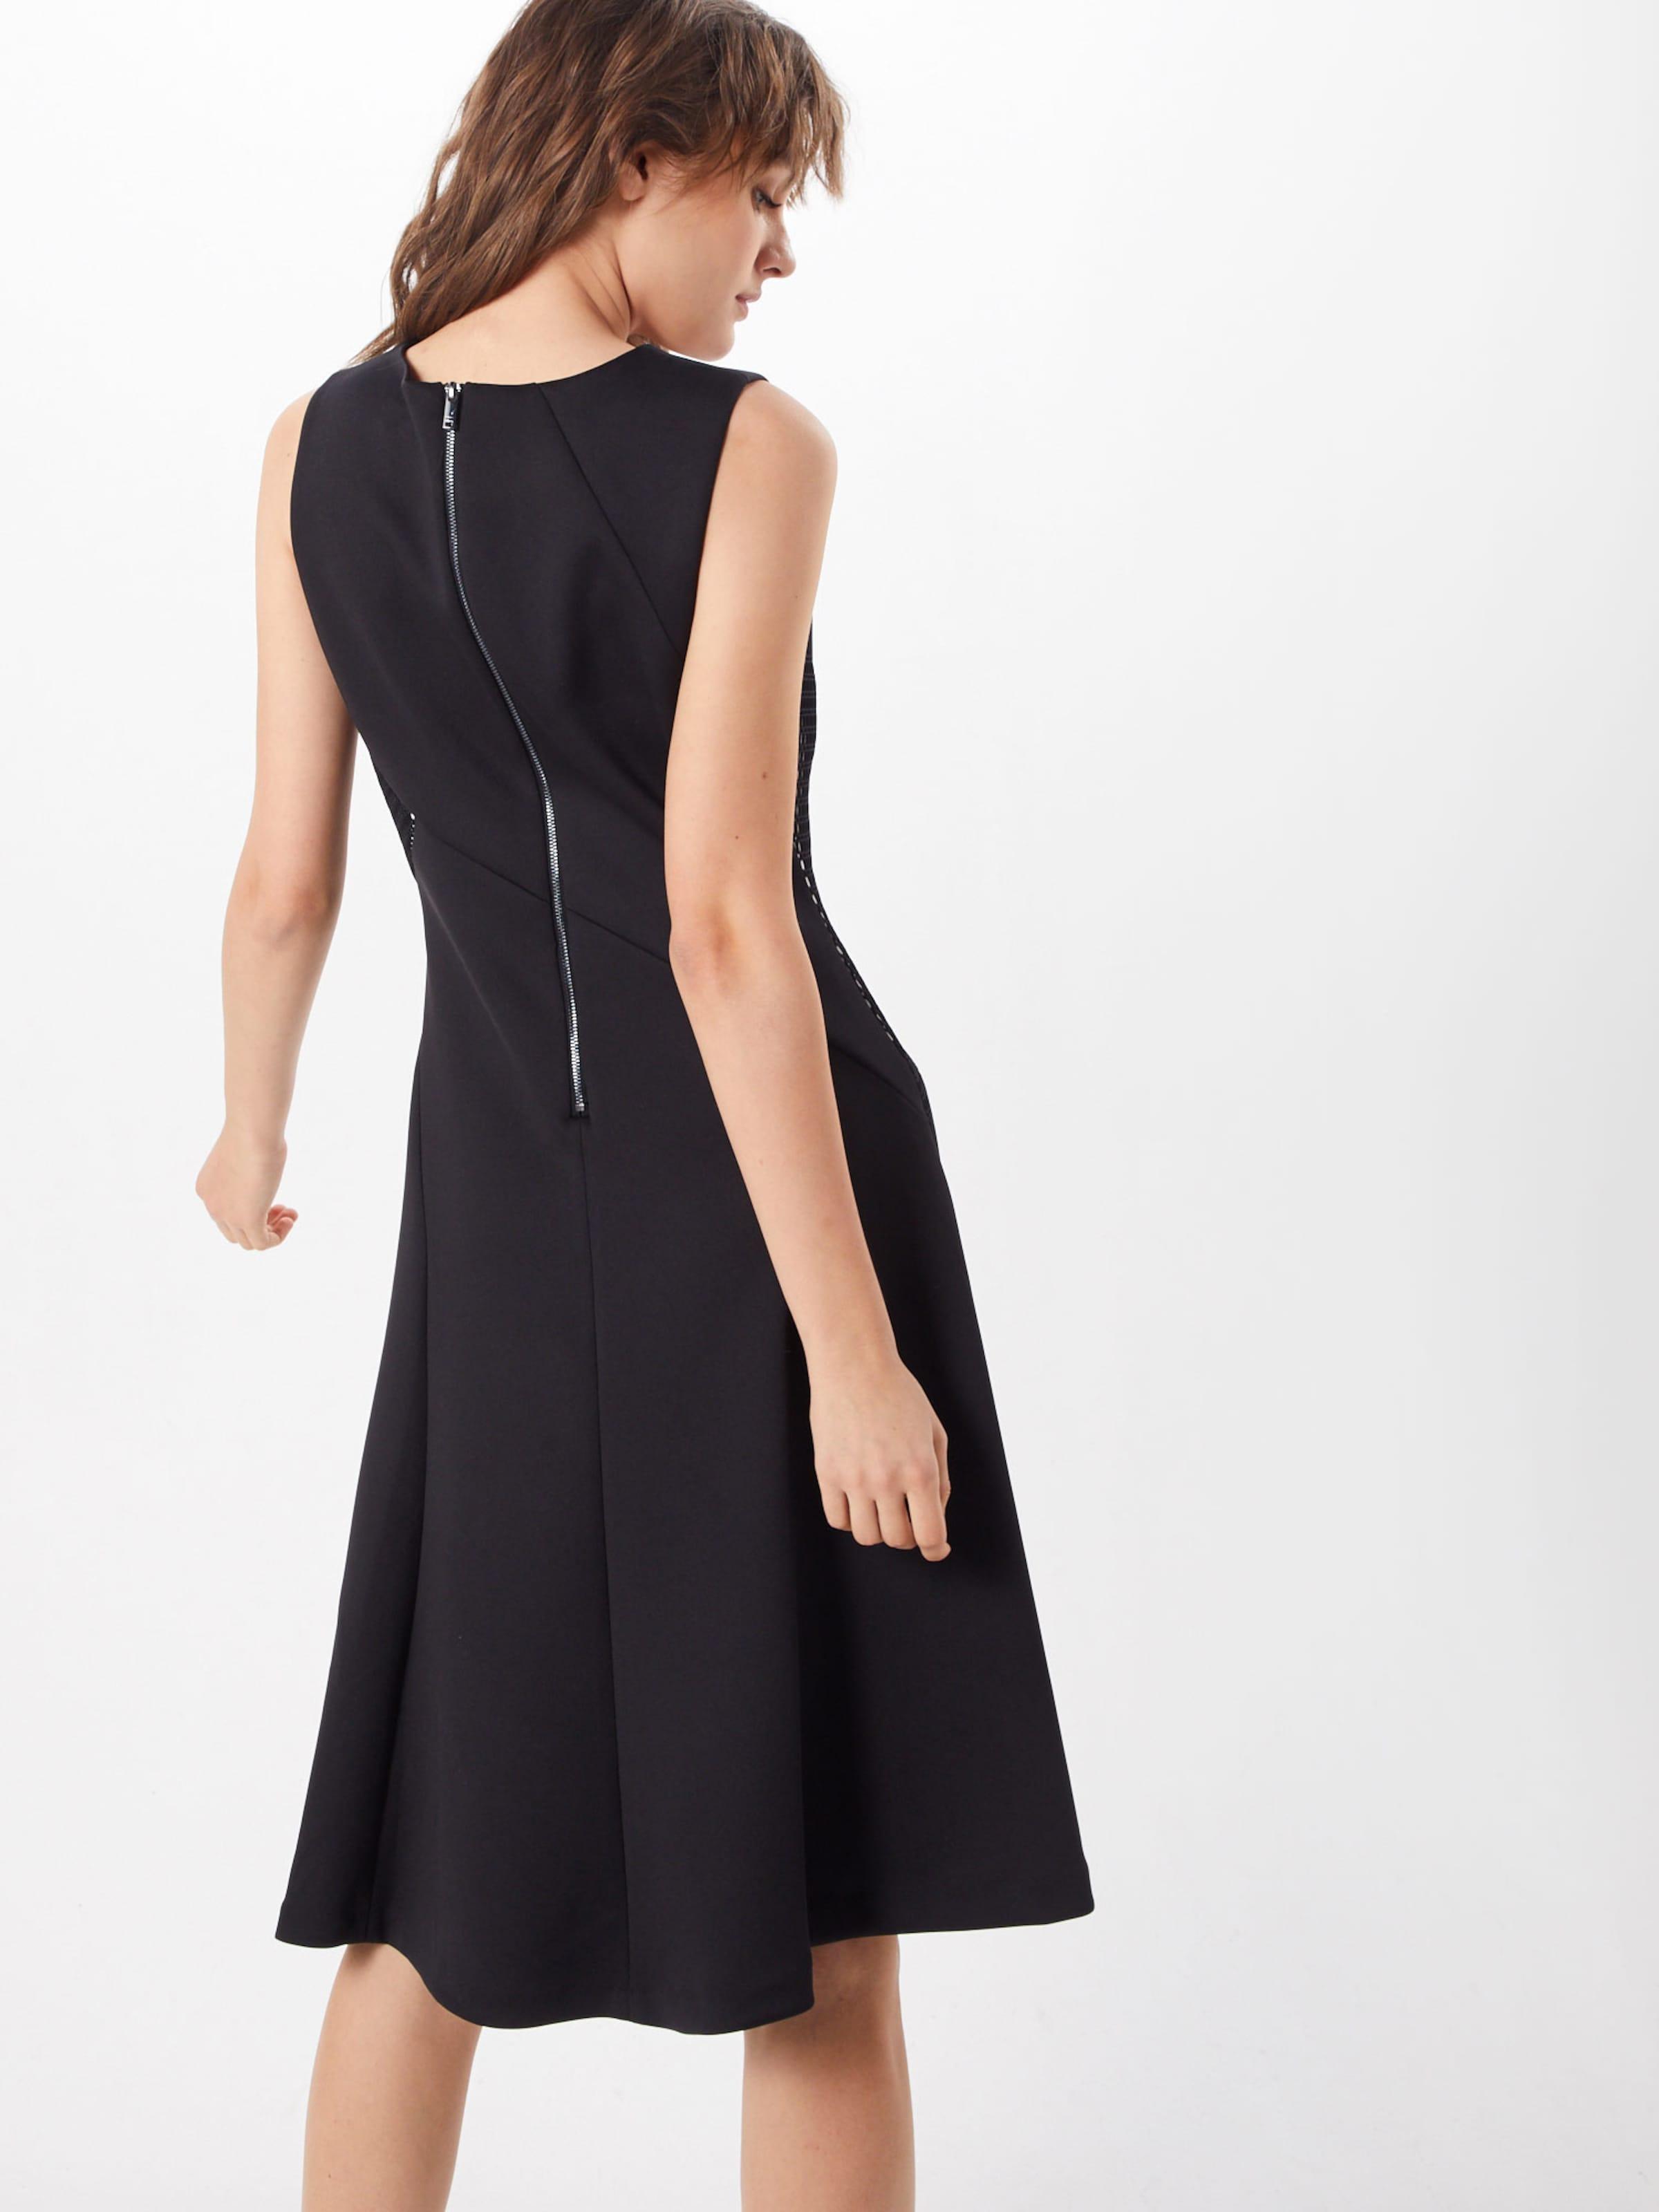 'flare SchwarzWeiß Dress' In Kleid Dkny UVpMSqz